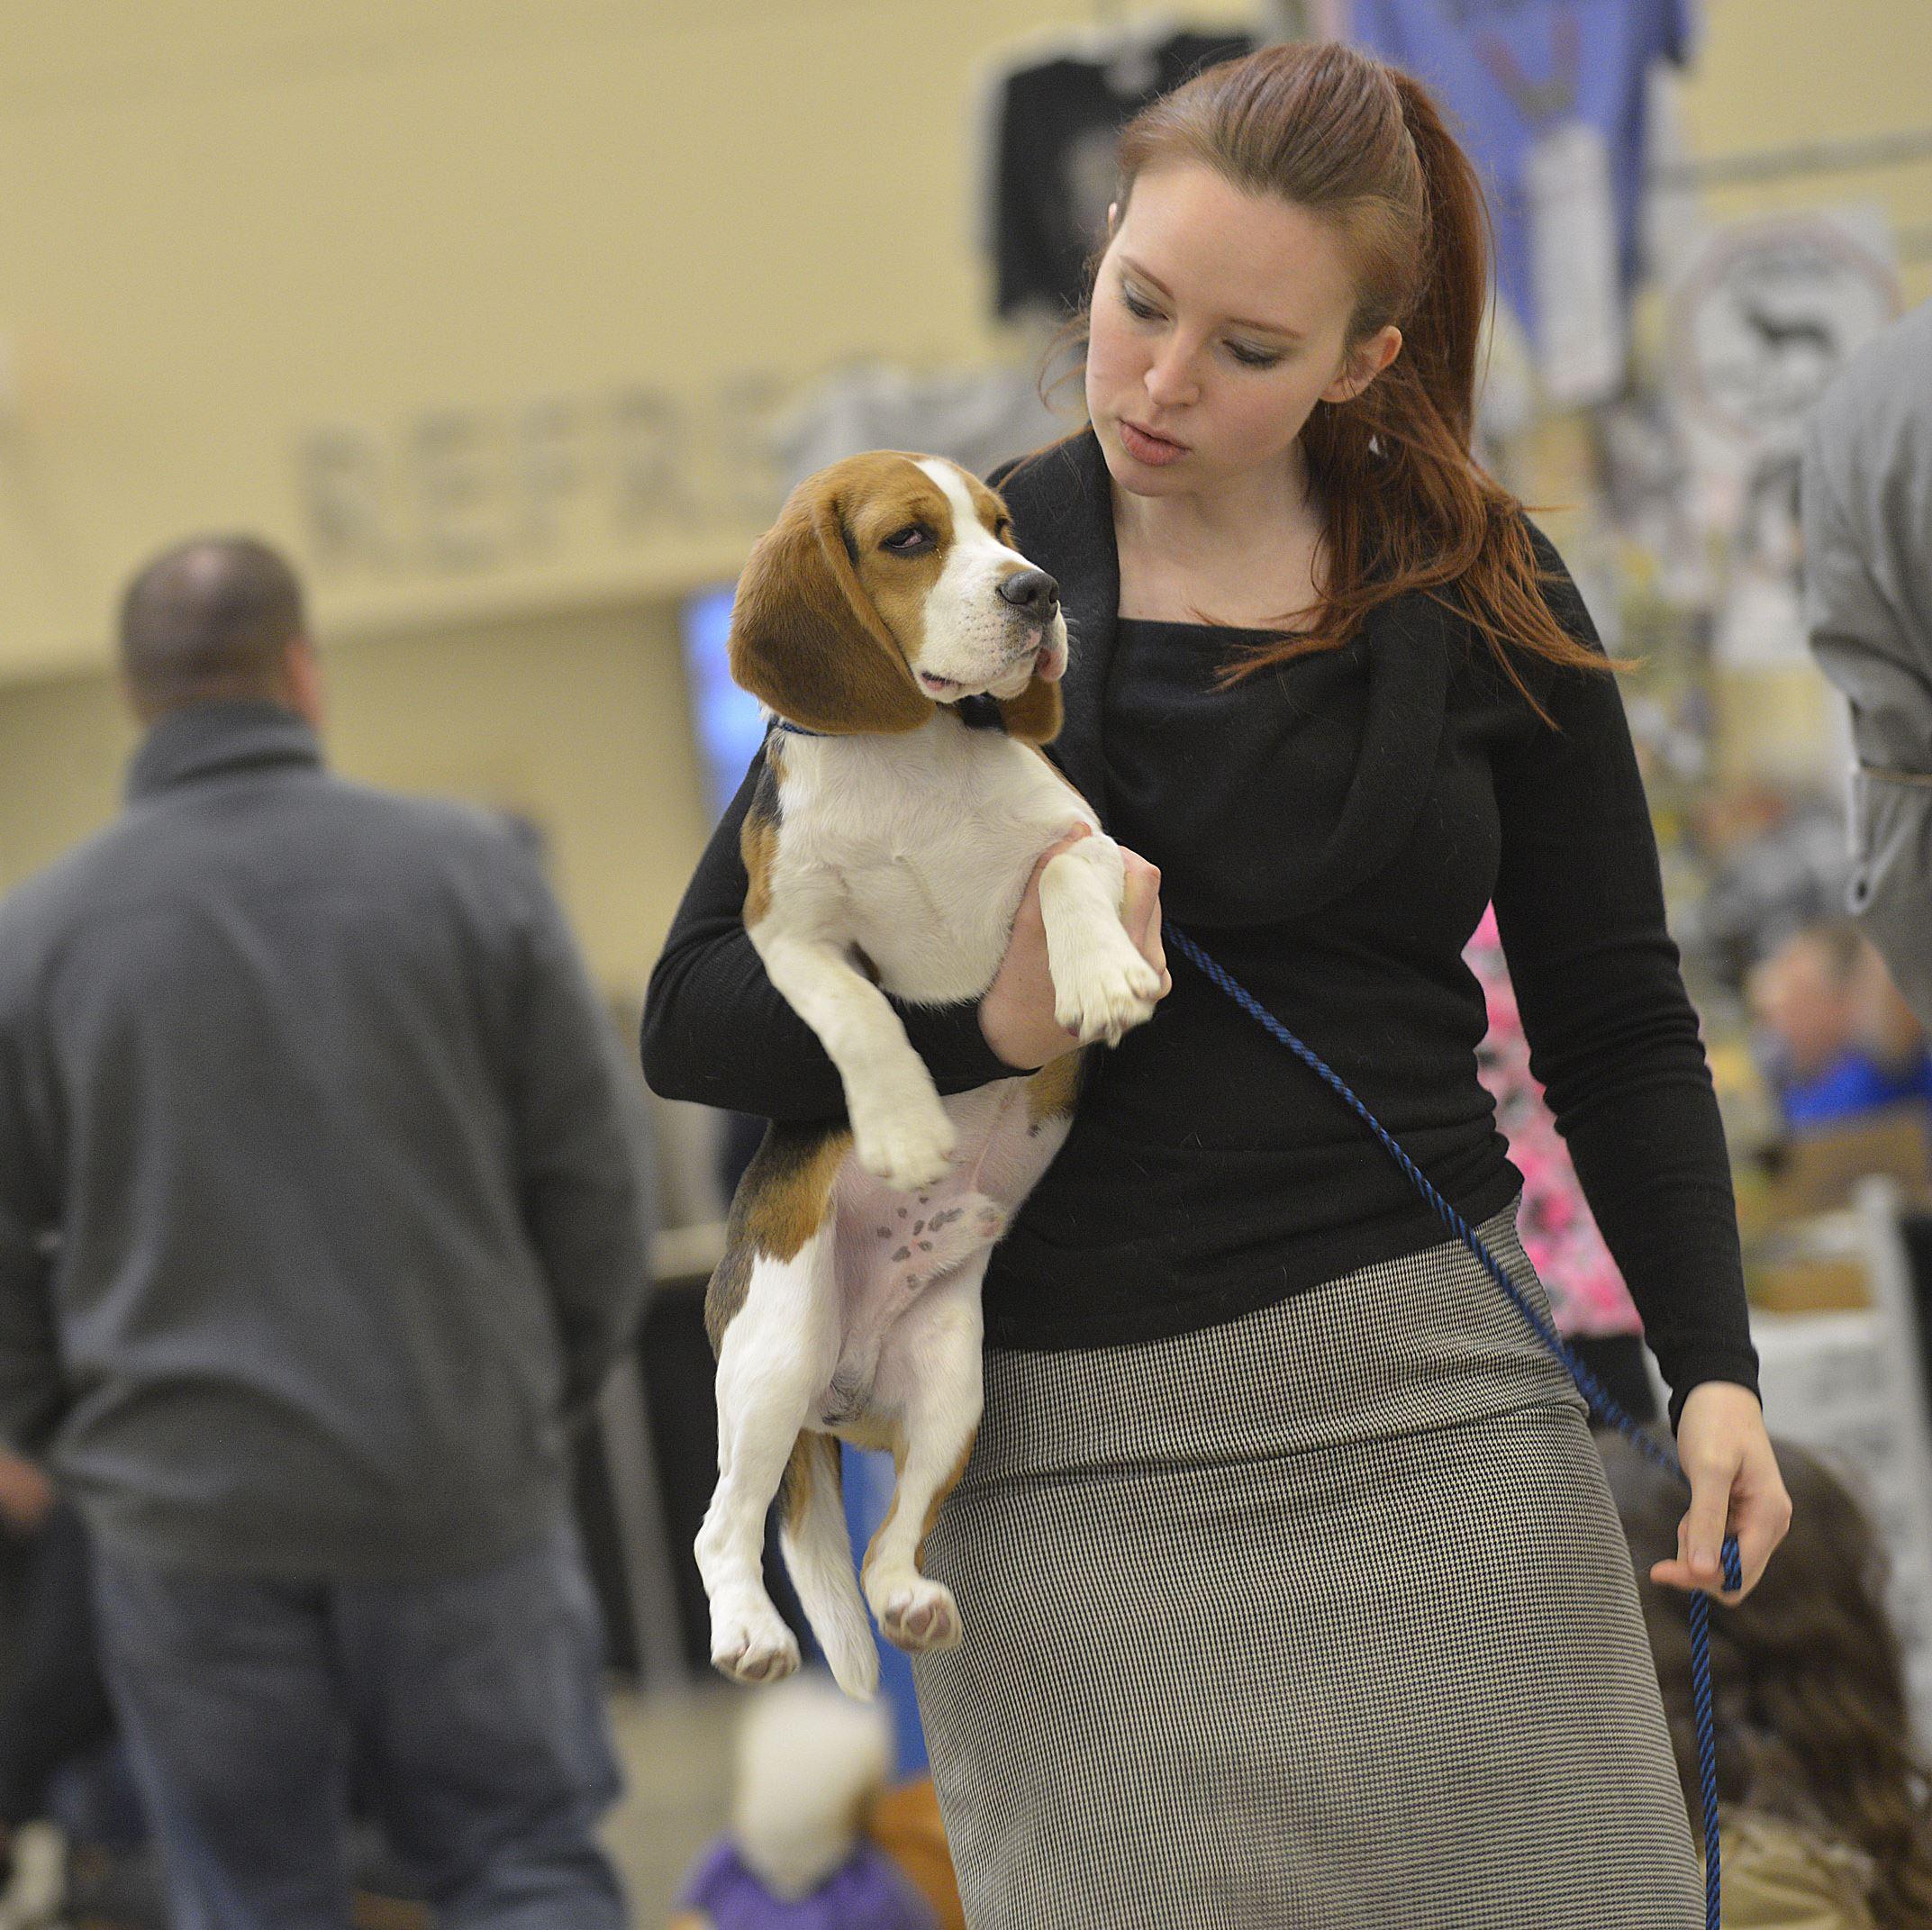 20170402lrpadogshow06-4 Brigette Lefevre of Blackridge carries Coal, a 6-month-old beagle.